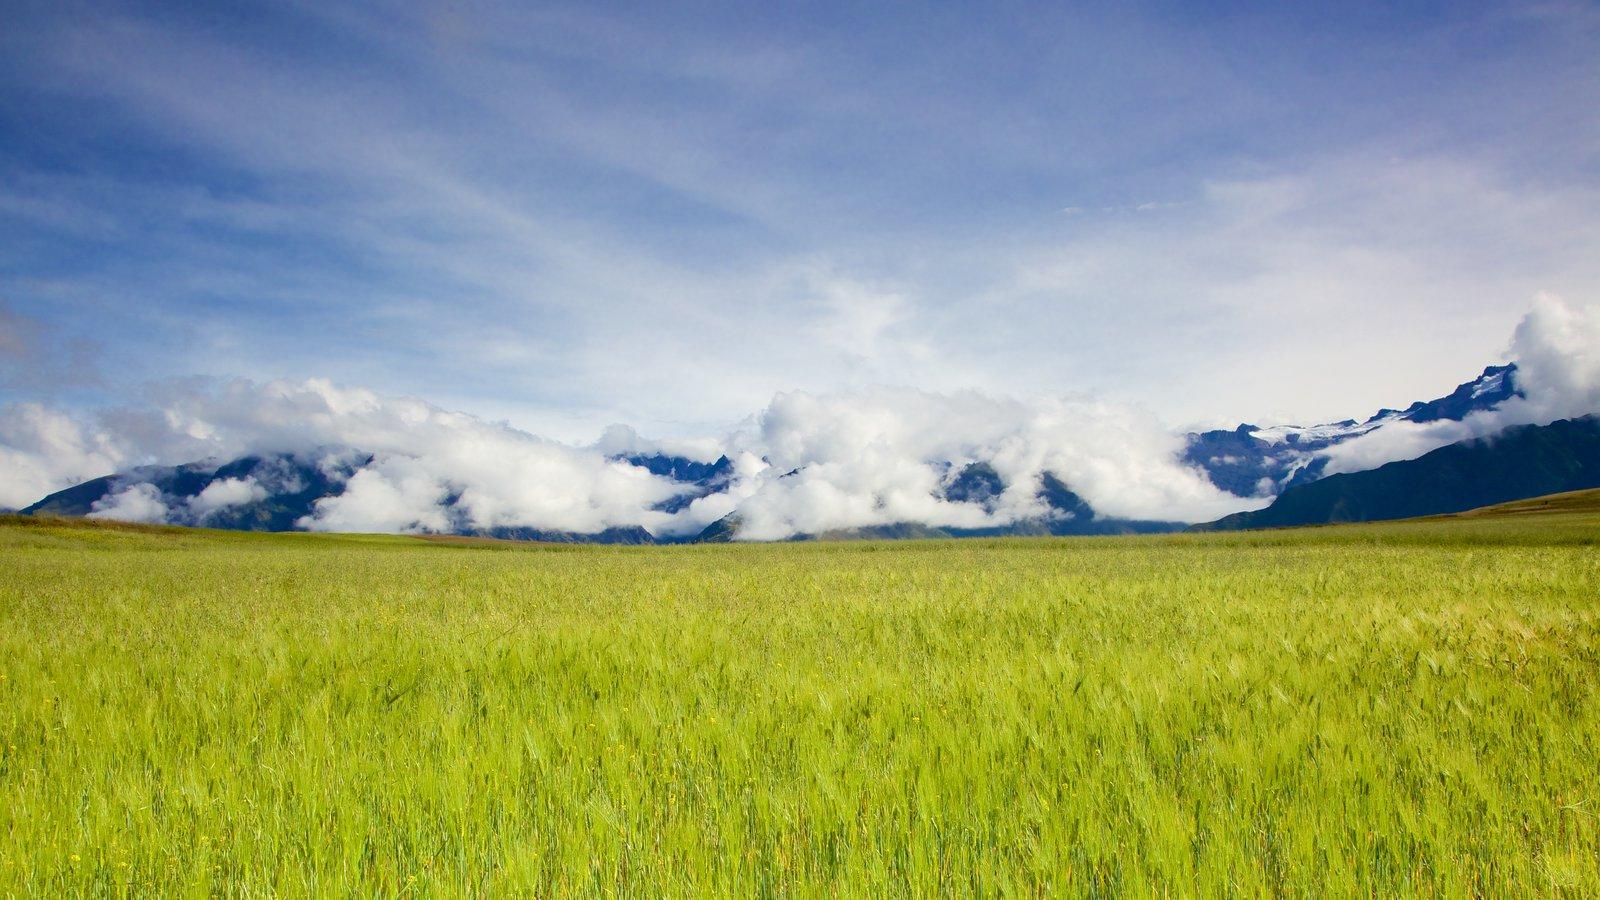 Cuzco mostrando paisagem e cenas tranquilas